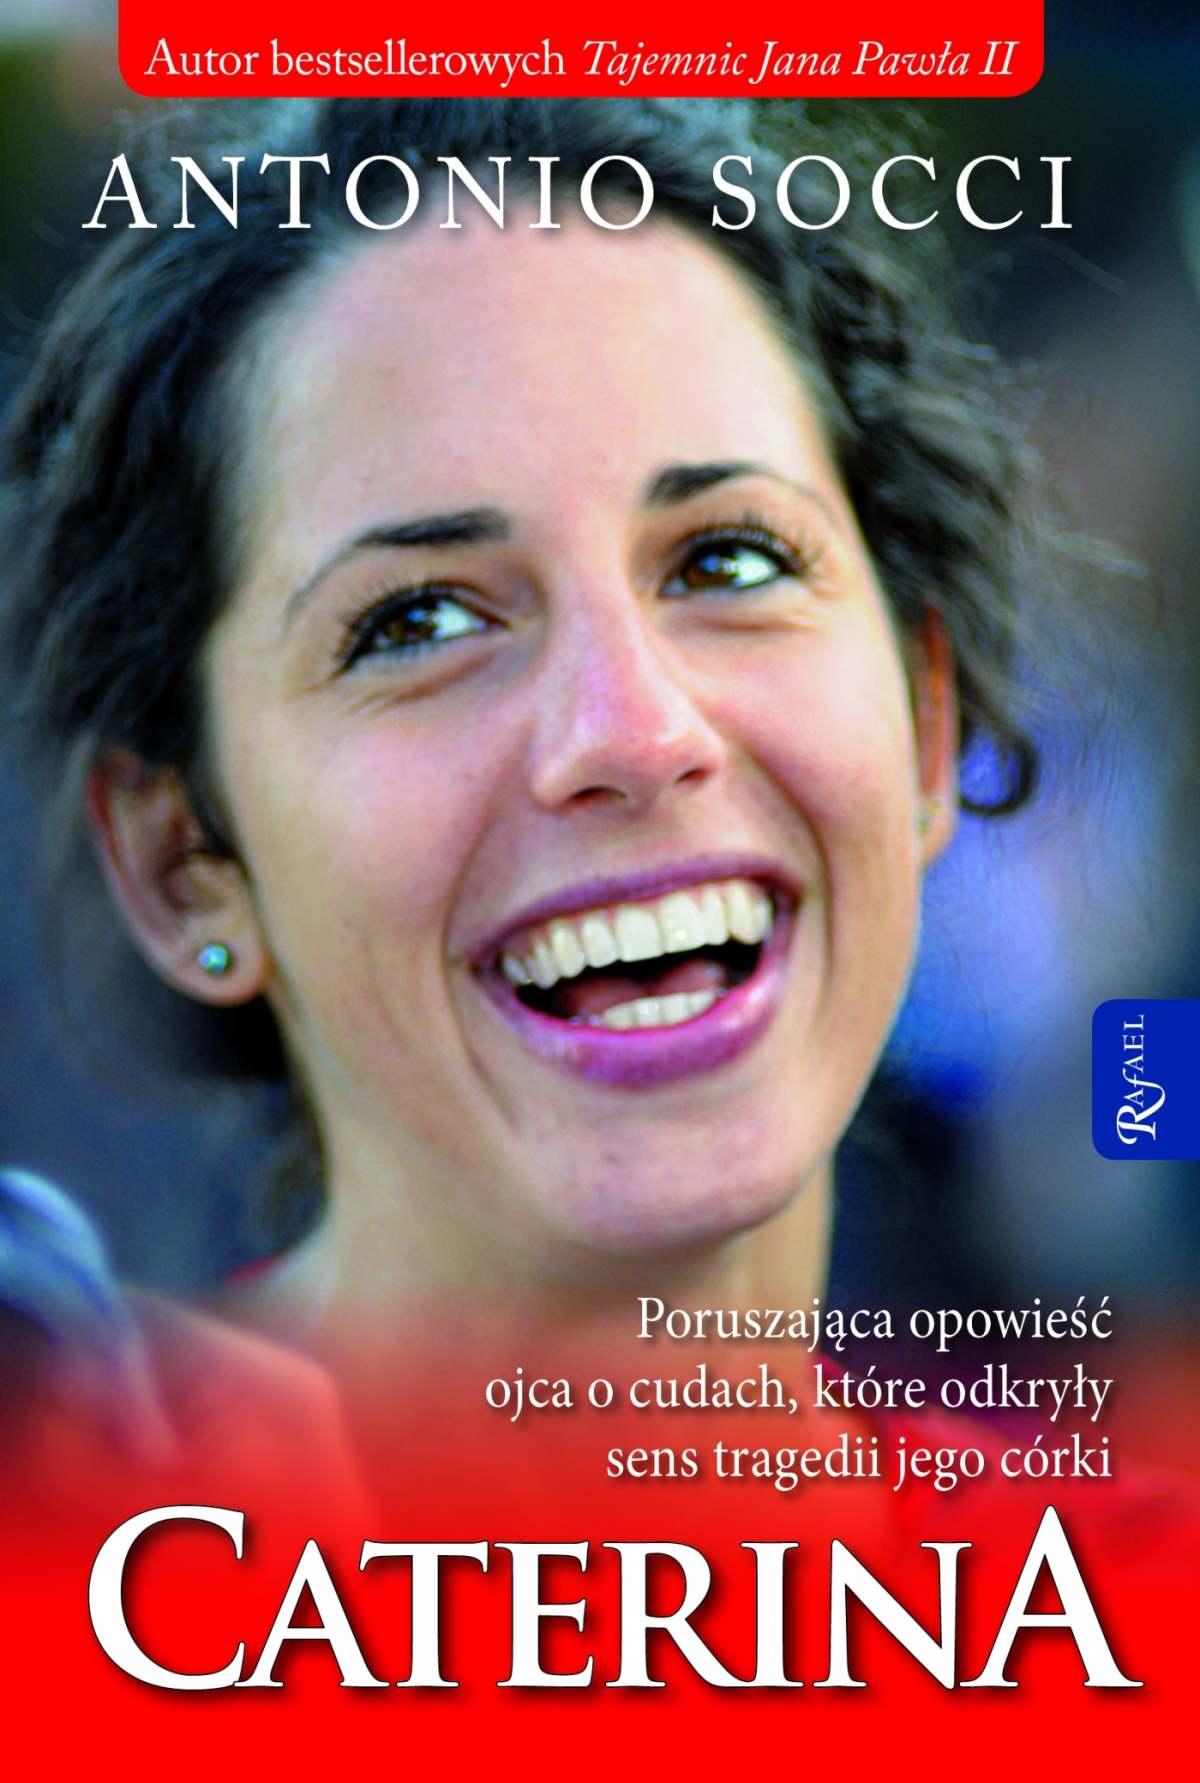 Caterina. Poruszająca opowieść ojca o cudach, które odkryły sens tragedii jego córki - Ebook (Książka EPUB) do pobrania w formacie EPUB